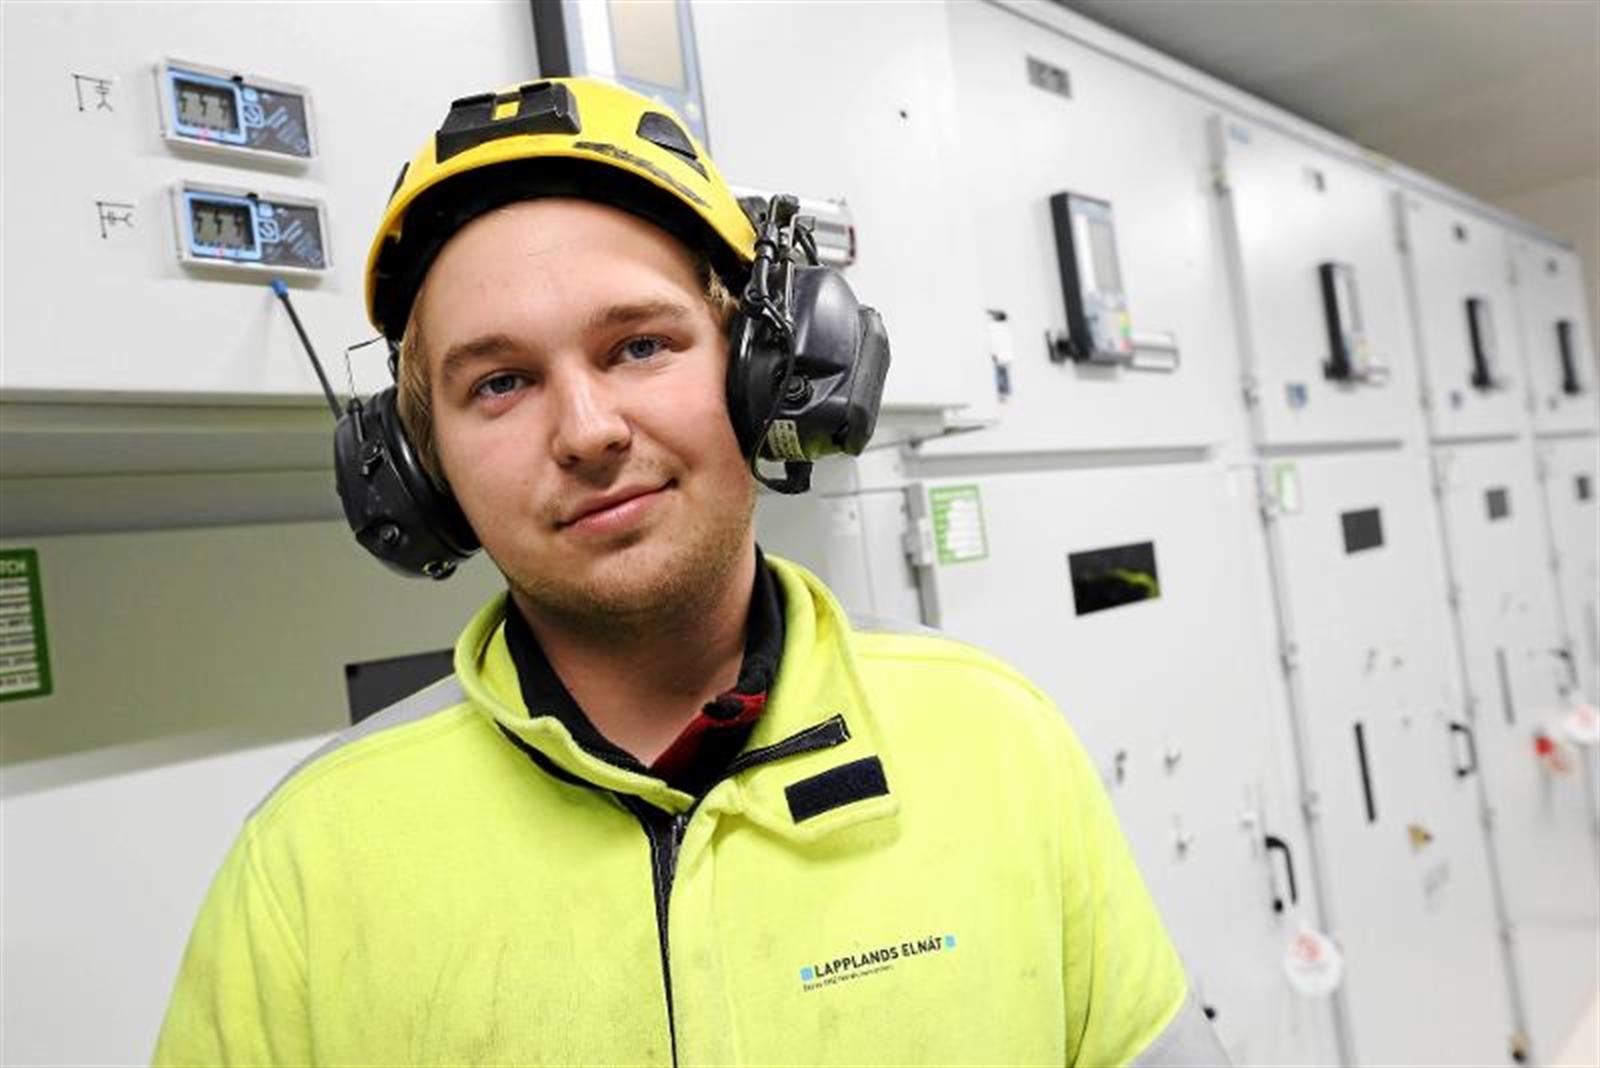 Jonathan Jakobsson